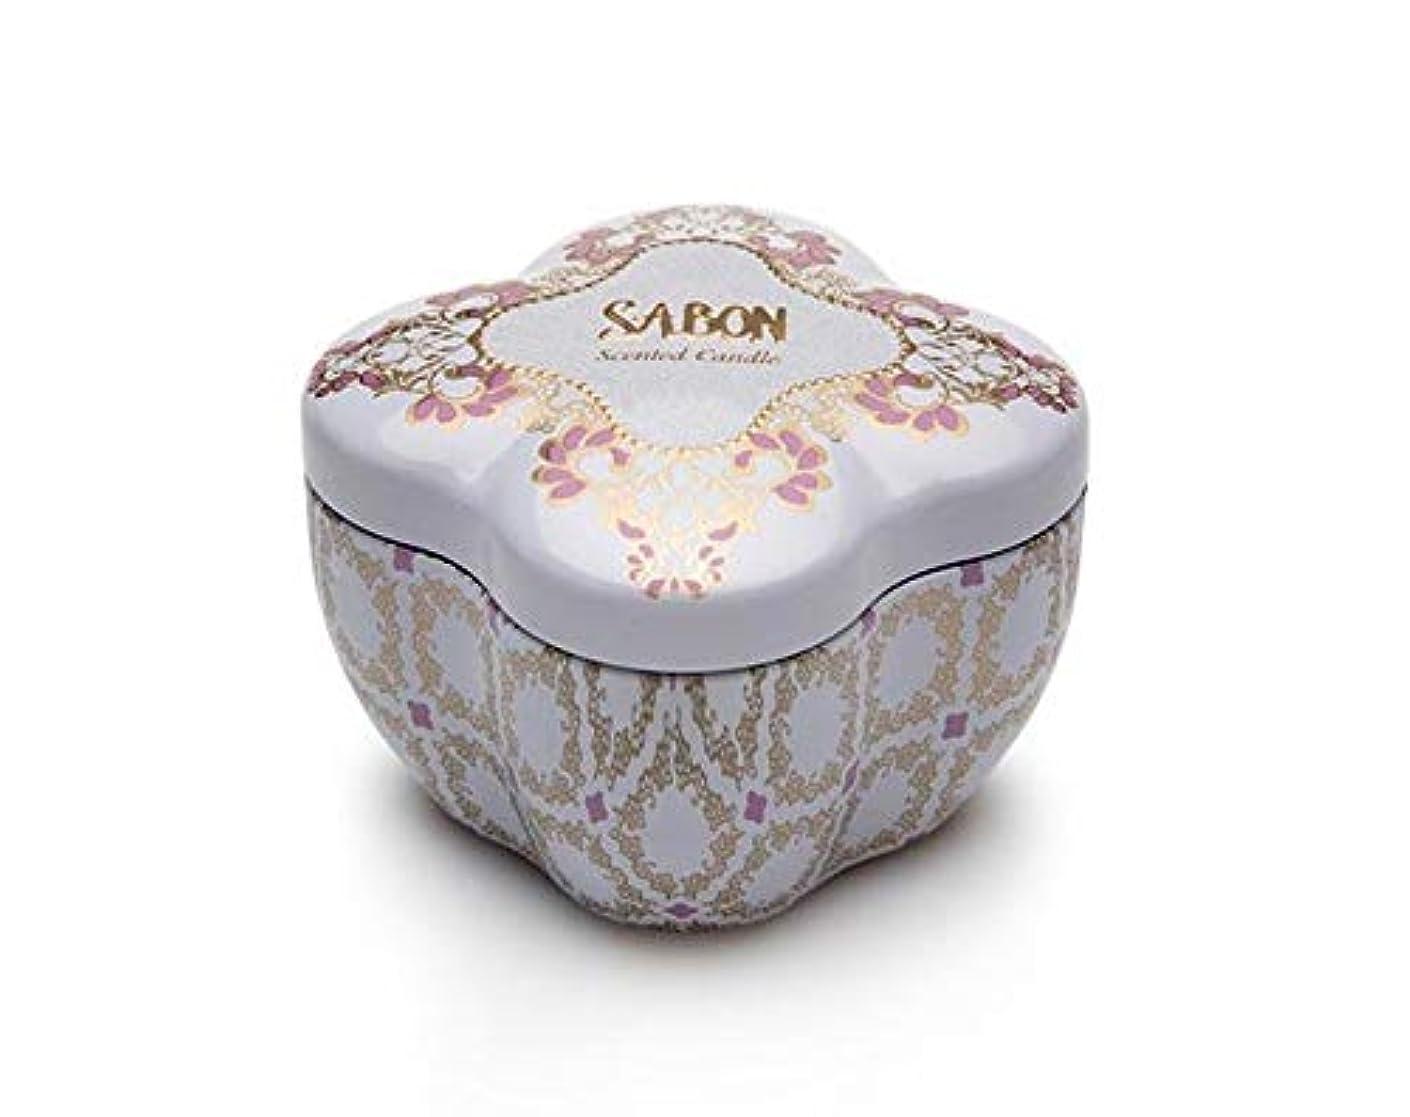 タオルファームカバー【SABON(サボン)】SABONティンキャンドルS《ライミーラベンダー》(Limy Lavender)限定 イスラエル発 並行輸入品 海外直送